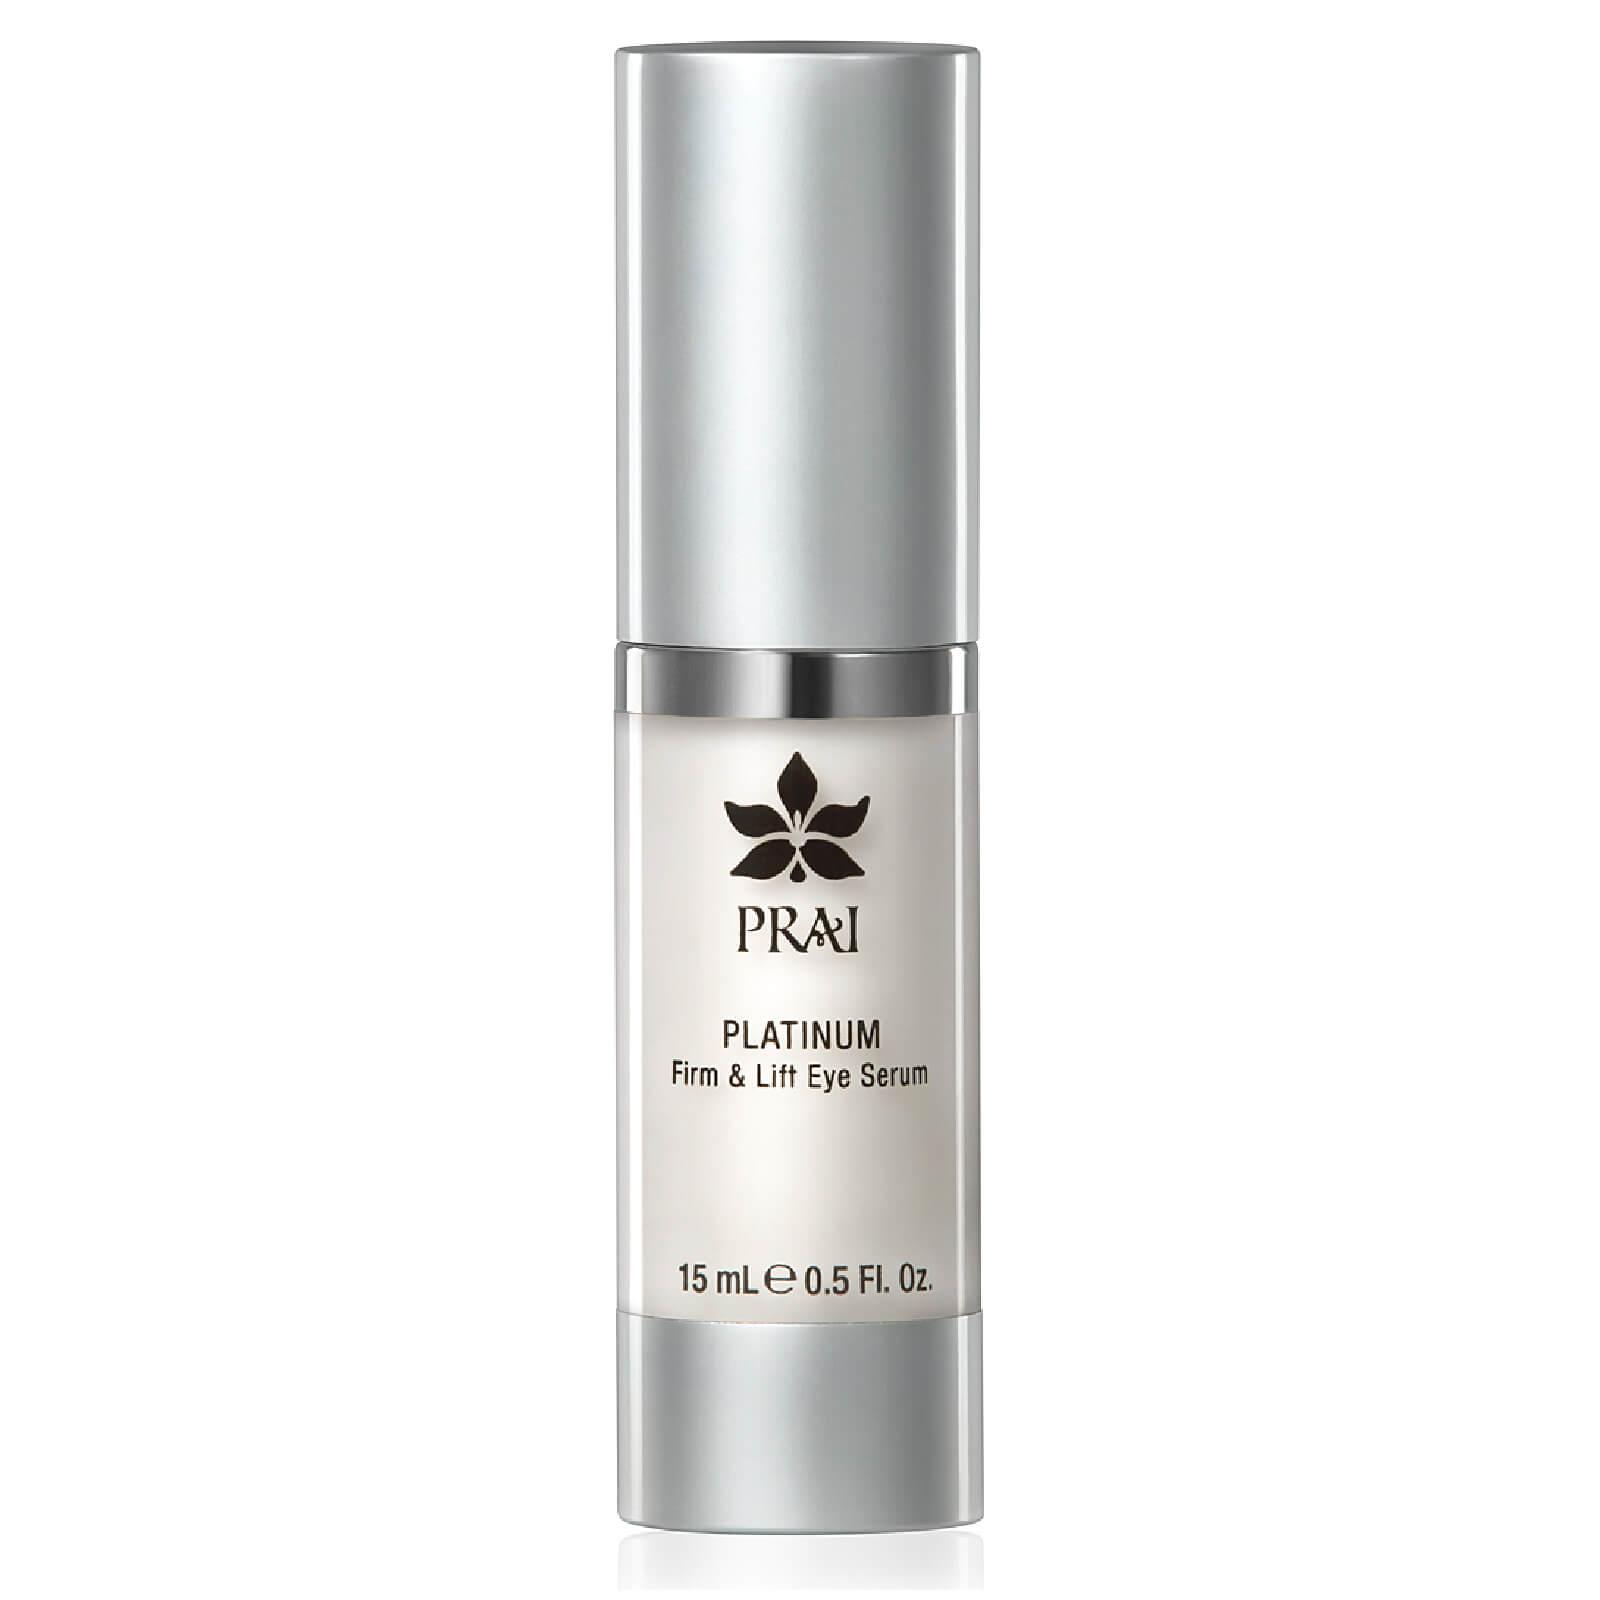 Купить Укрепляющая лифтинг-сыворотка для кожи вокруг глаз PRAI PLATINUM Firm & Lift Eye Serum 15мл